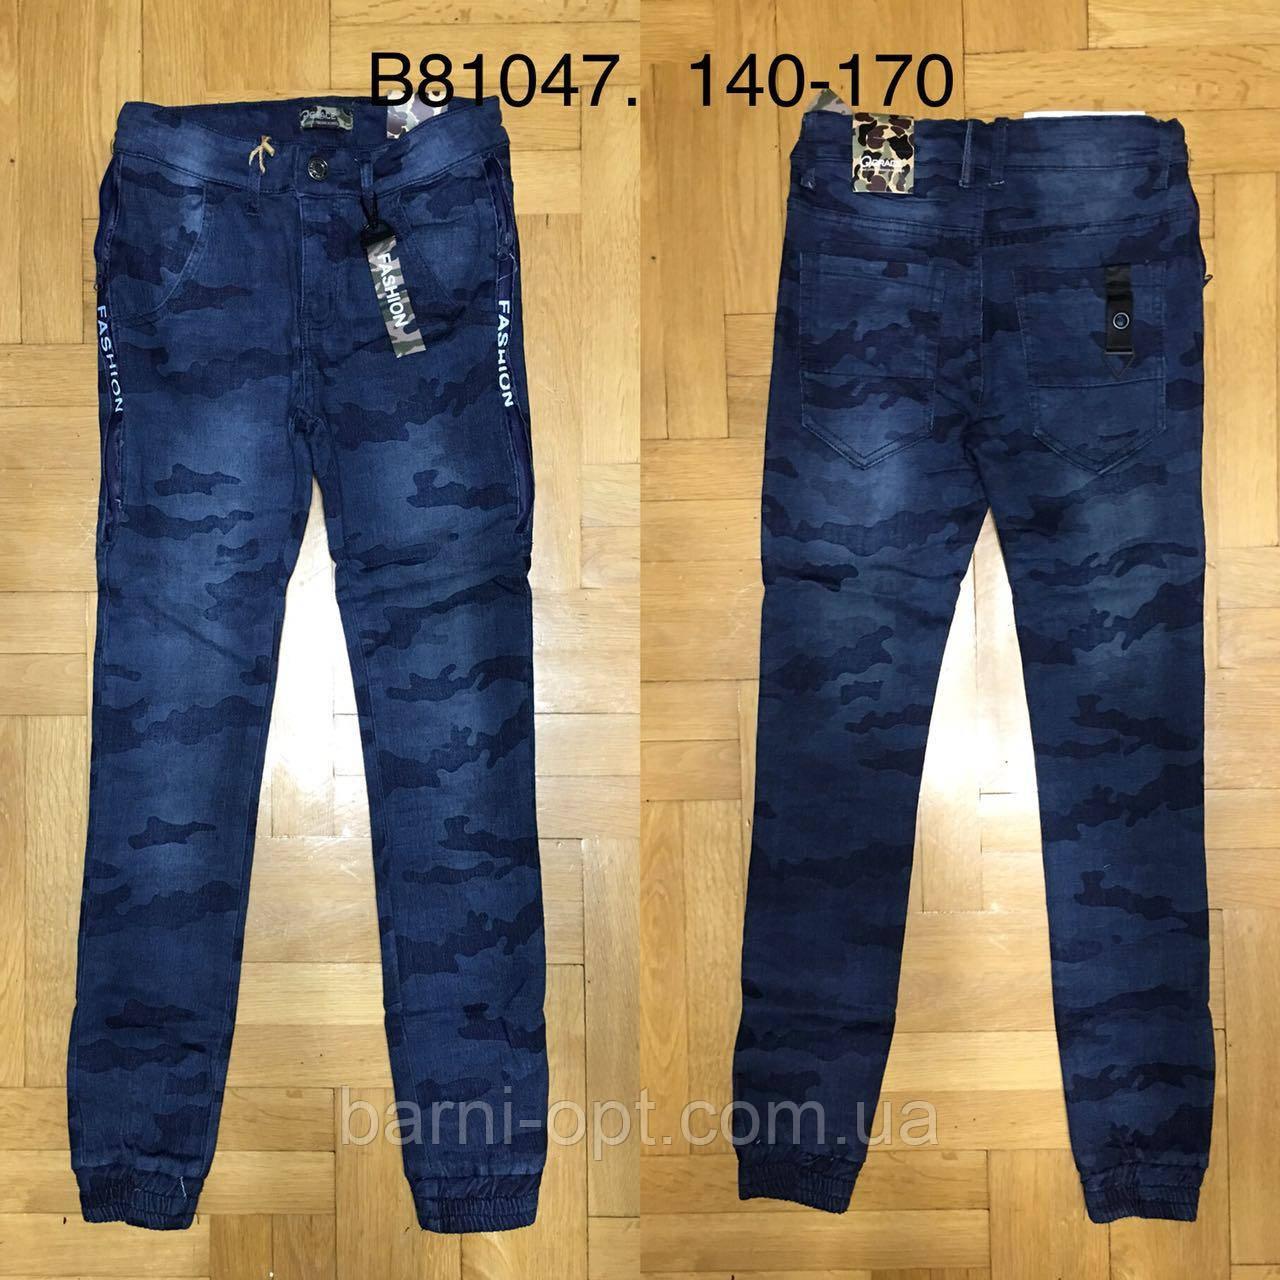 Джинсовые брюки на мальчиков оптом, Grace, 140-170 рр